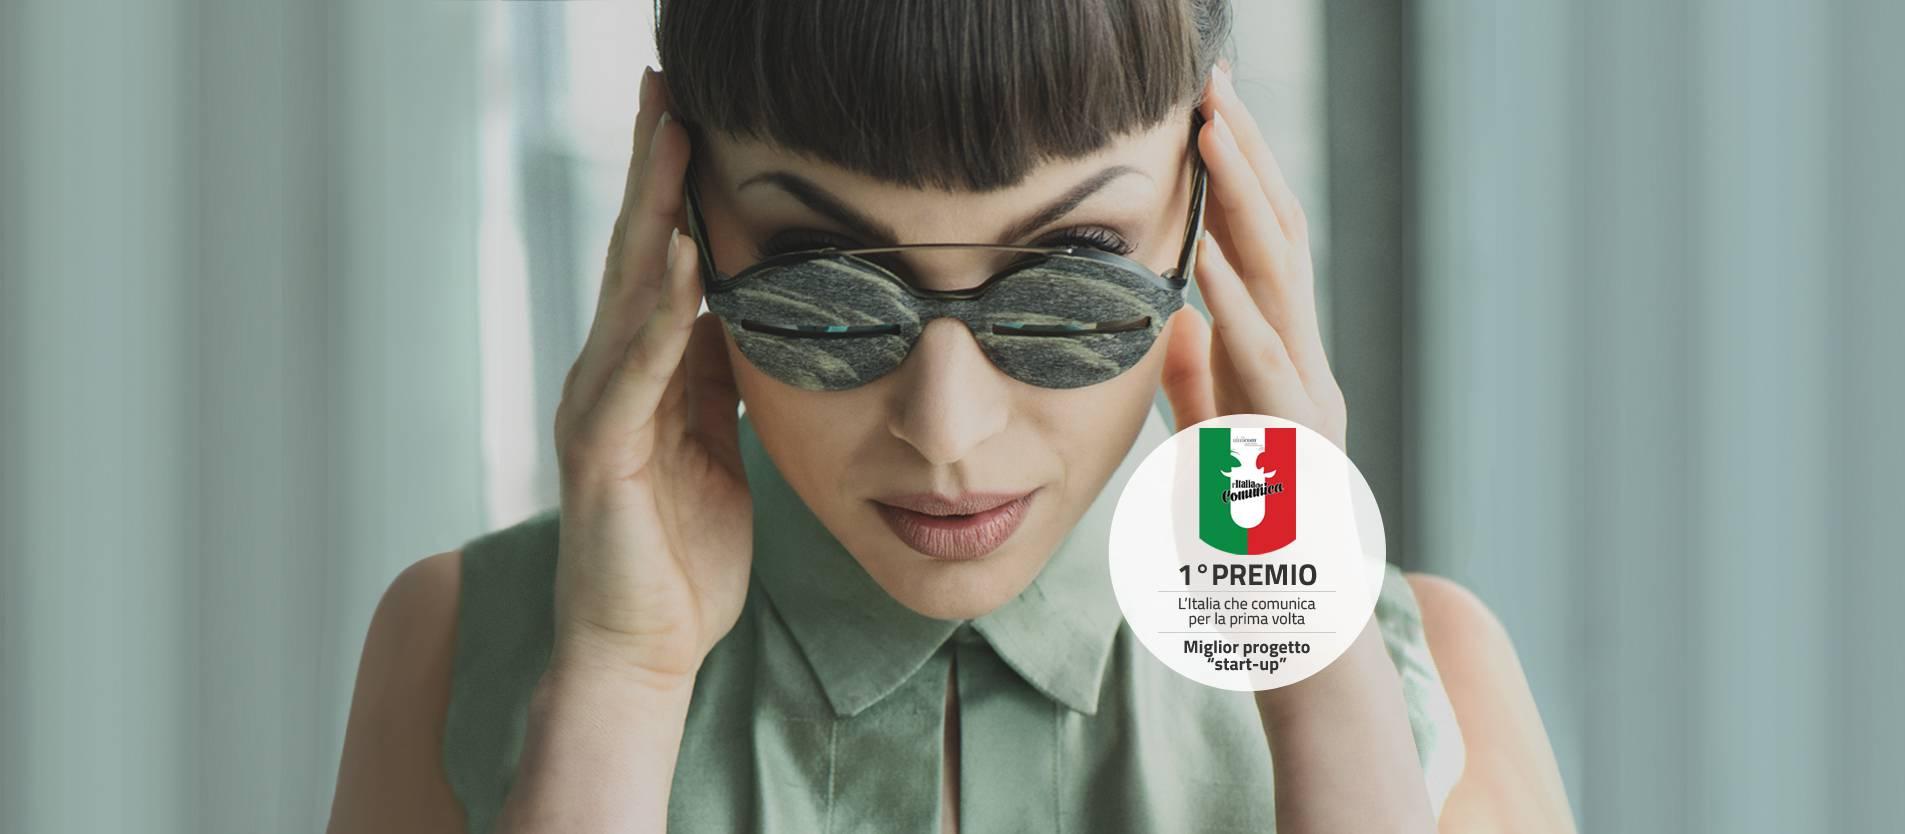 Nuiit L'italia che comunica